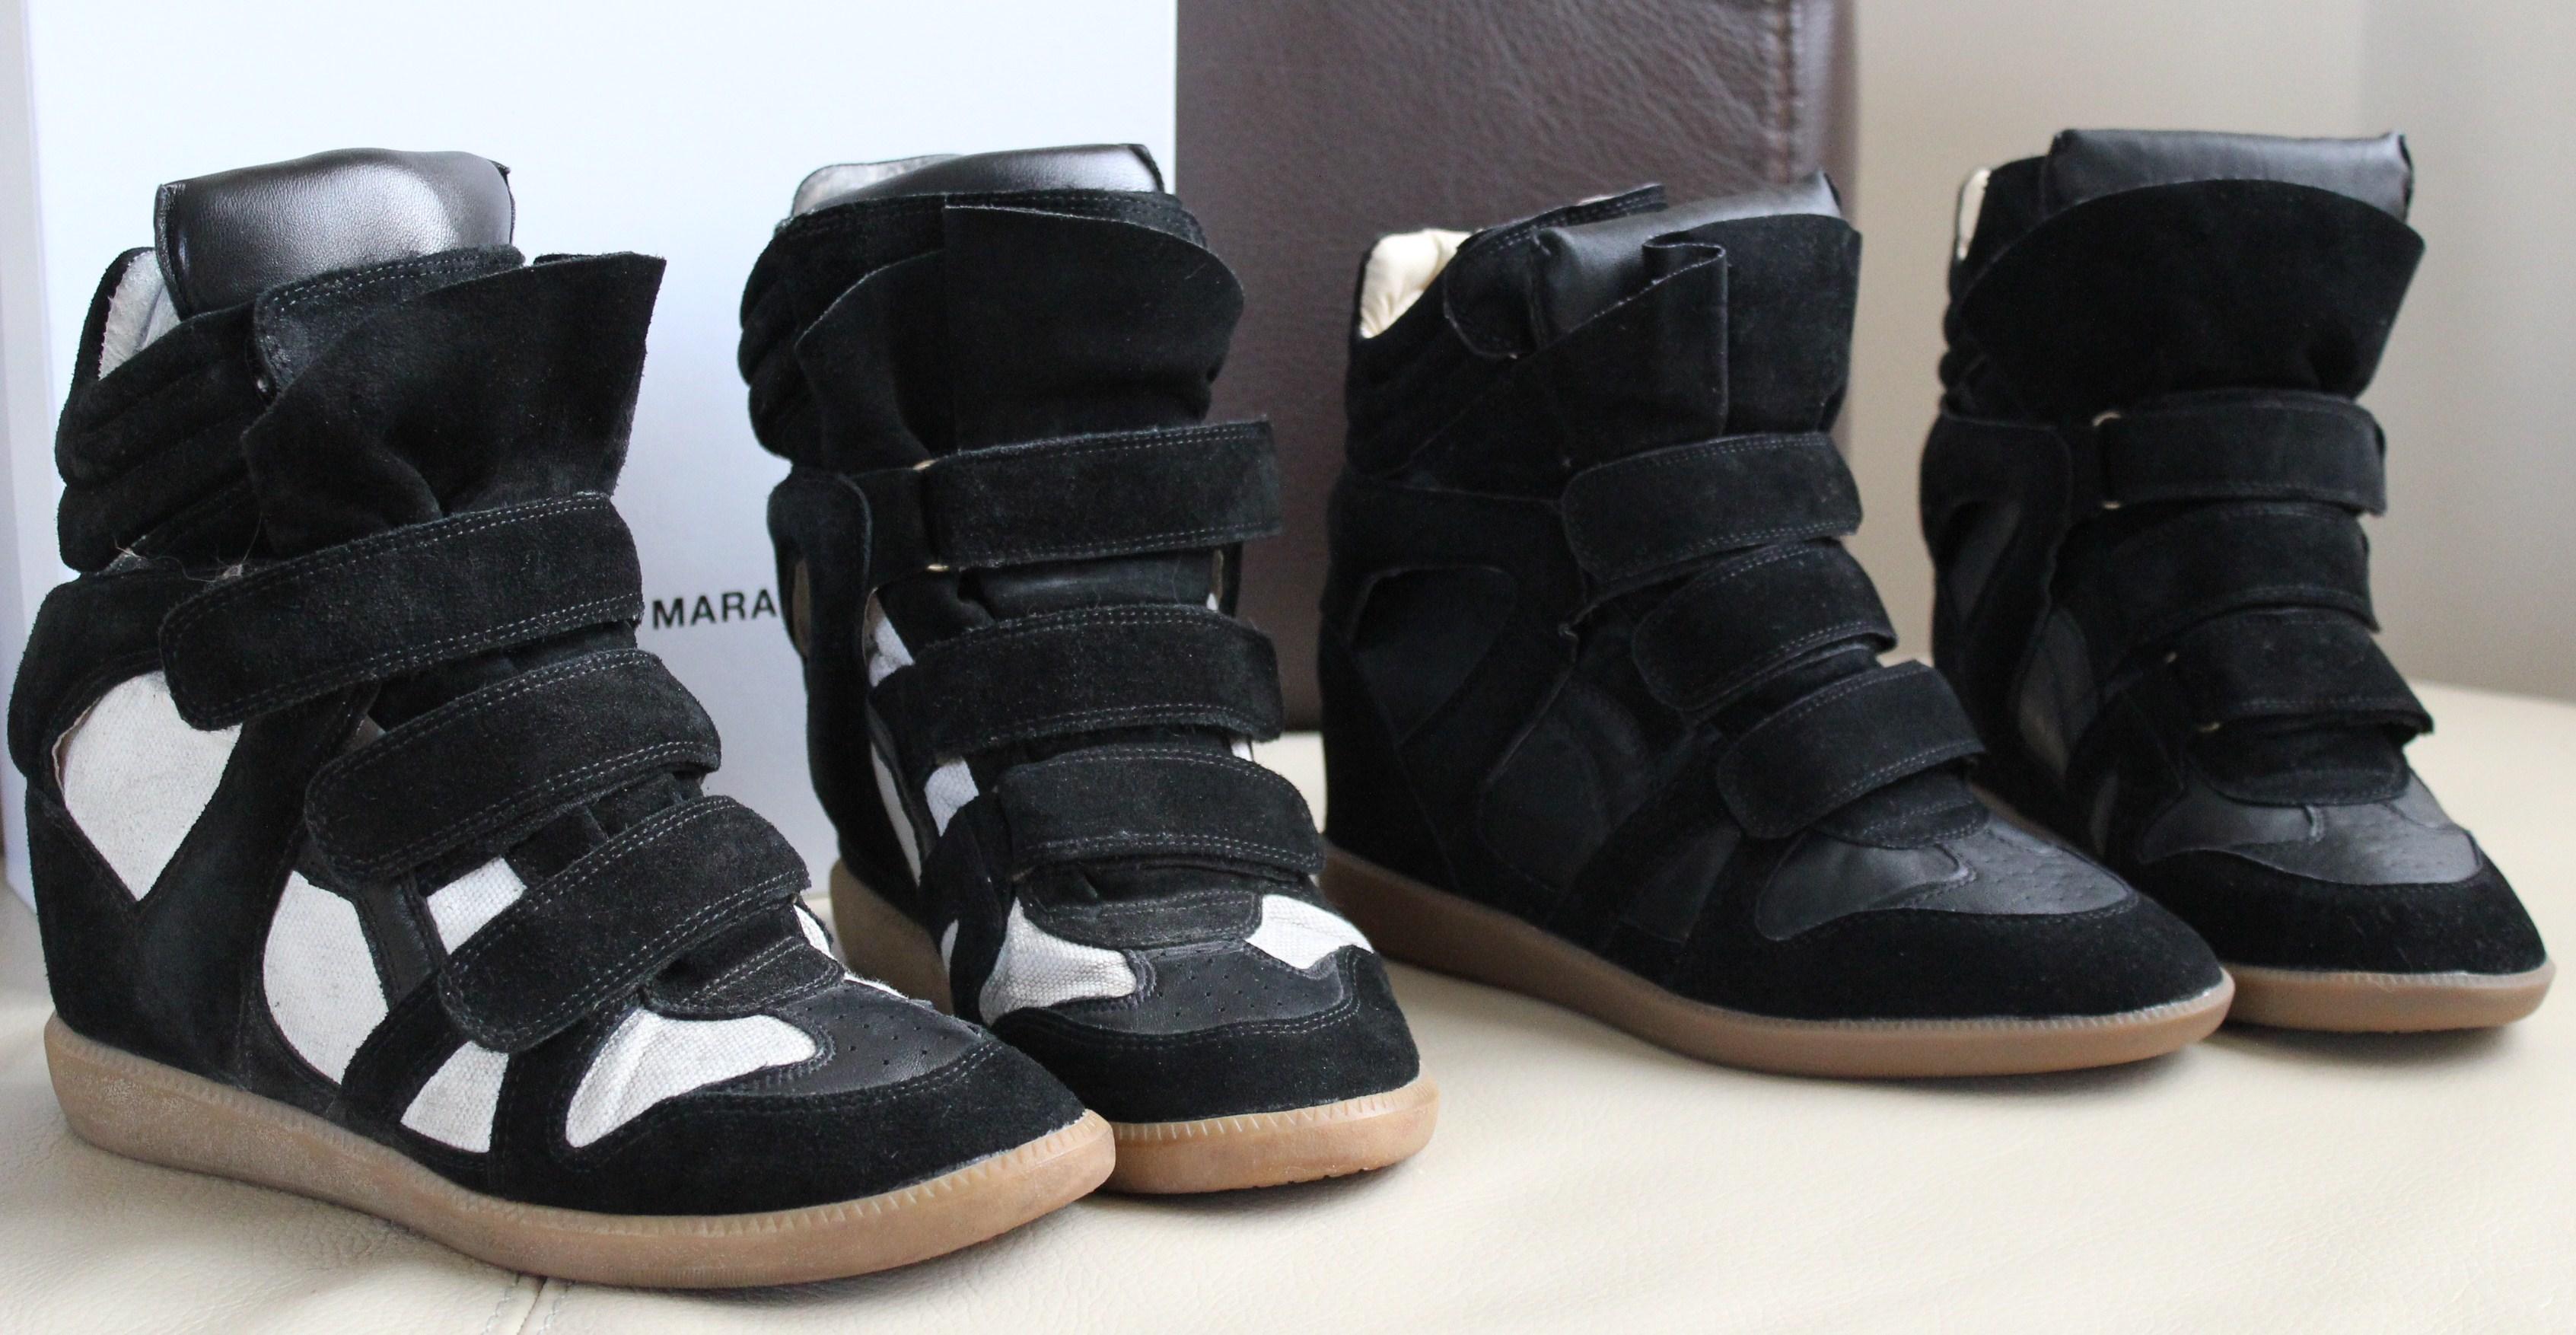 chaussure basket isabel marant. Black Bedroom Furniture Sets. Home Design Ideas